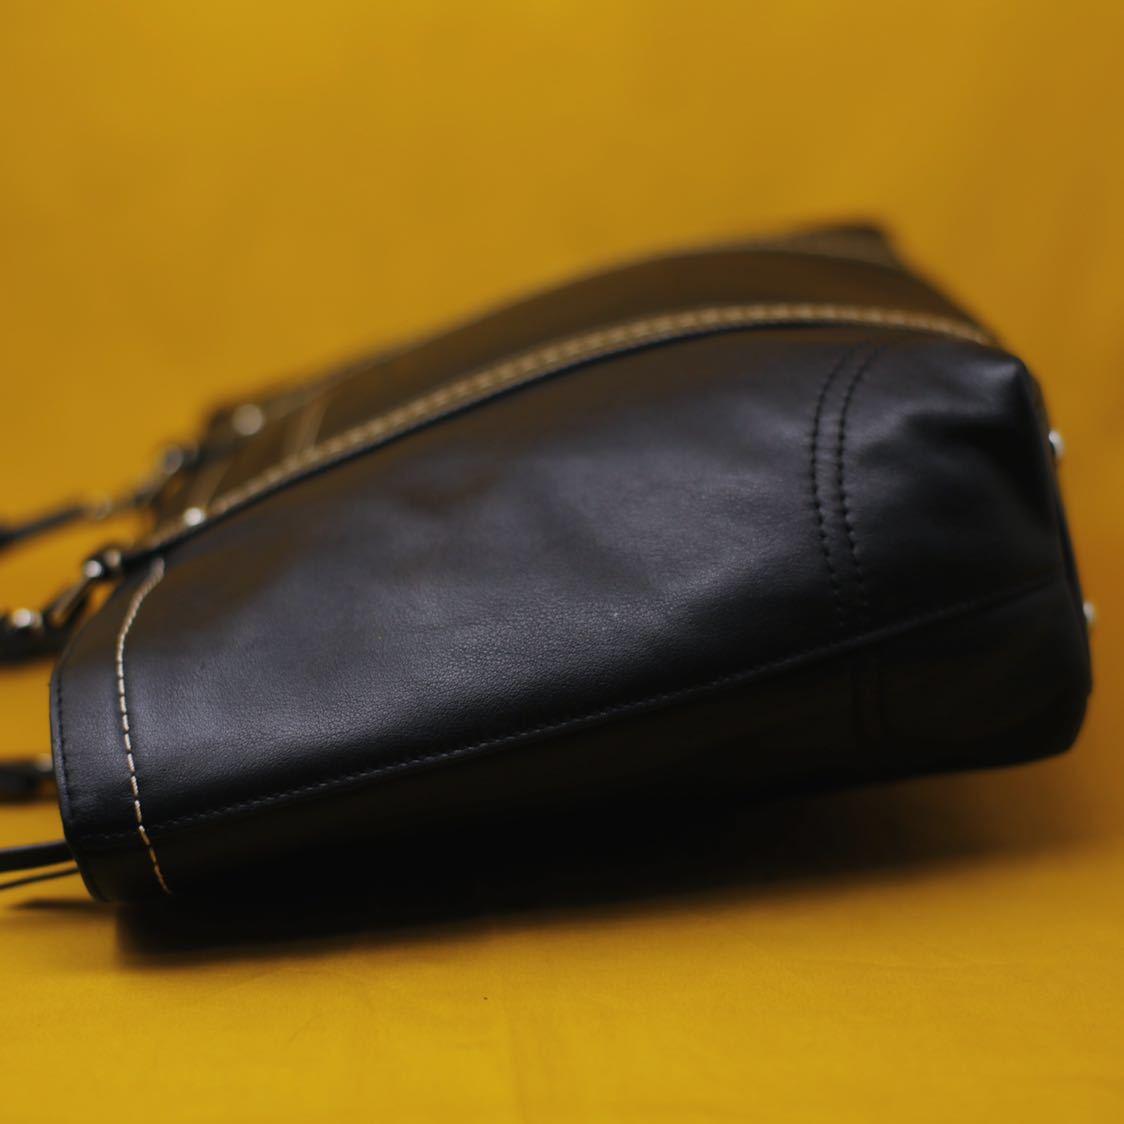 未使用品 美品 コーチ COACH トートバッグ バッグ ビジネスバッグ 黒 ブラック レザー メンズバッグ 革 14万 オールドコーチ ビンテージ _画像4